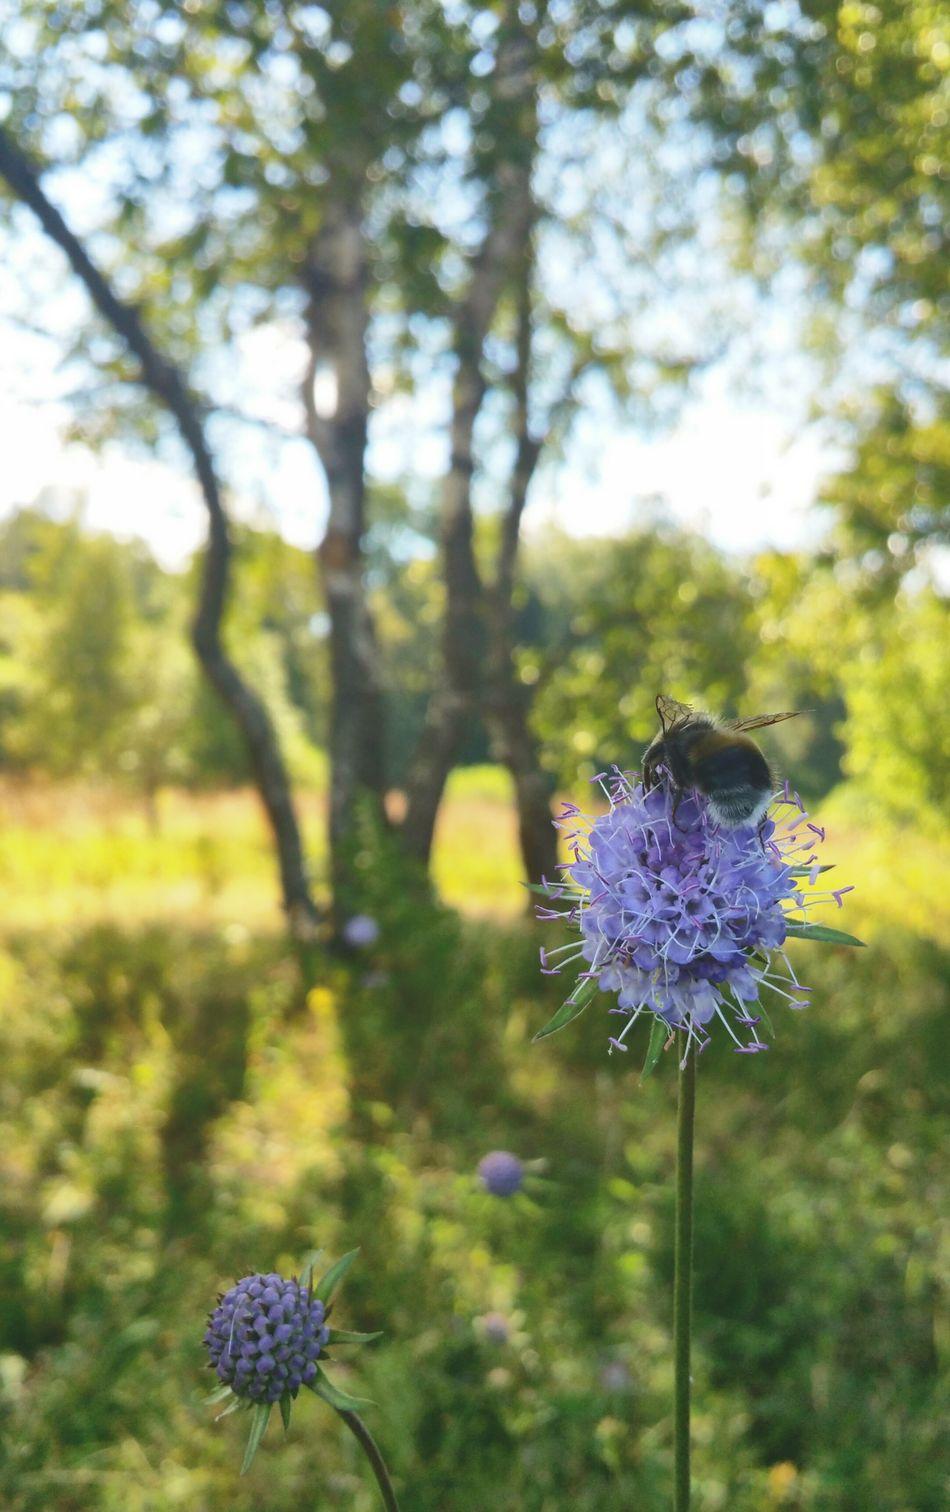 A Bumblebee & a Flower ... Summertime Summer Nature Russia Naturelovers Naturaleza Trees Close-up Insect Bee Mauve Flower шмель березки подмосковье лето